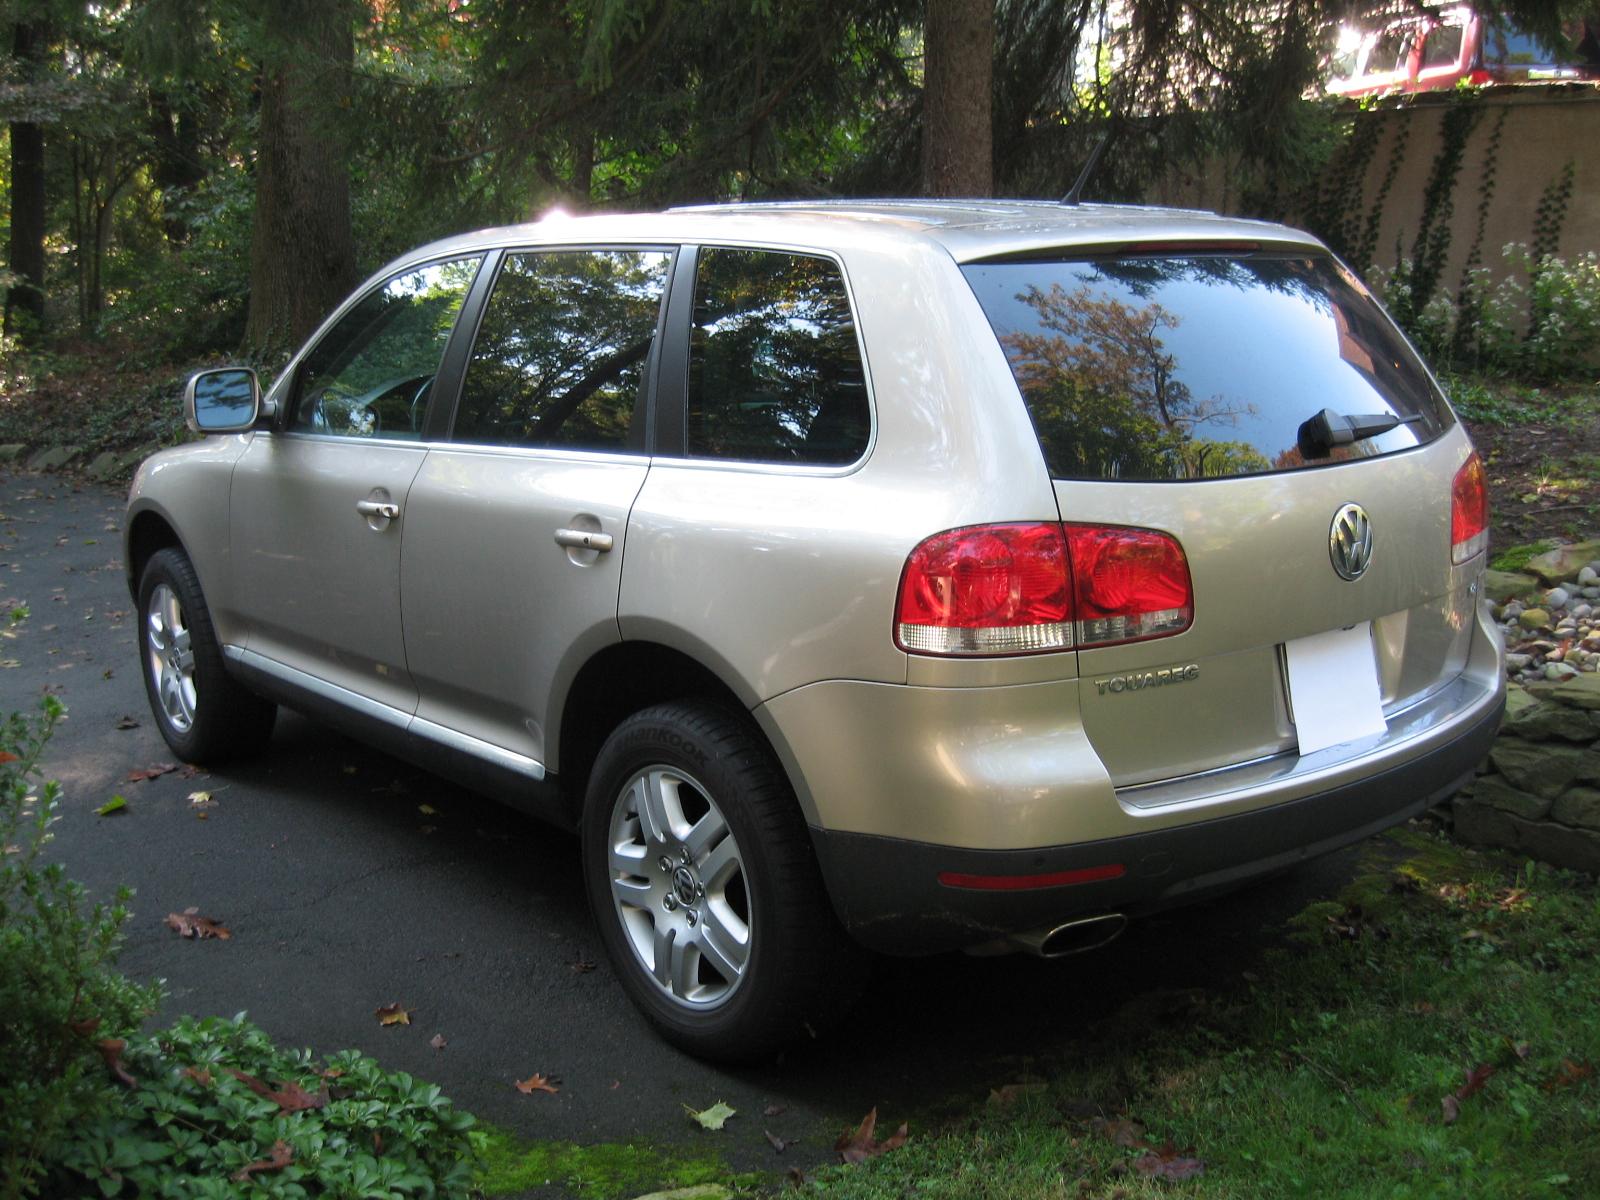 2006 Volkswagen Touareg Pictures Cargurus